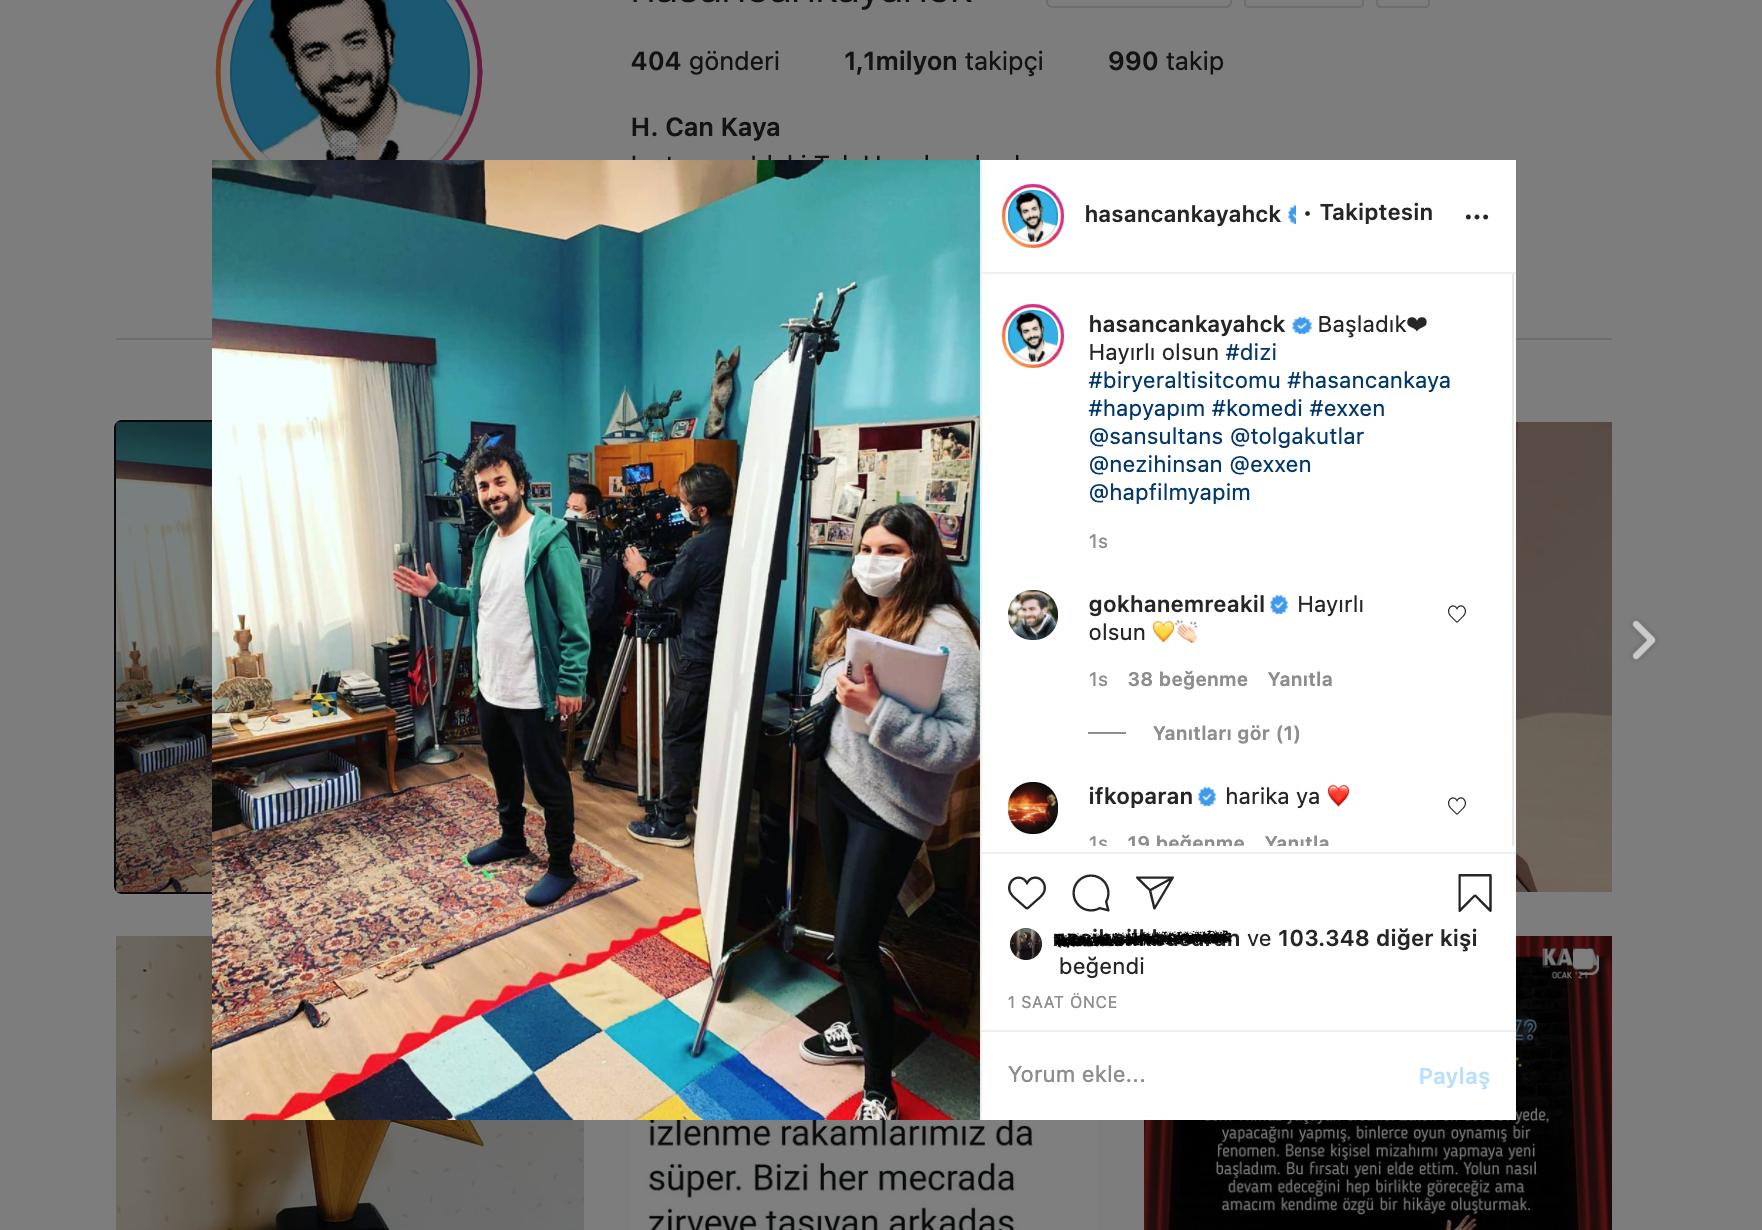 Hasan Can Kaya'nın EXXEN için çekimine başladığı Sitcom dizisine ait Instagram görseli, Fotoğraf içeriği: Instagram arayüzü, plato içerisinde dört kişi, set ekipmanları, Hasan Can Kaya. Siberdefter